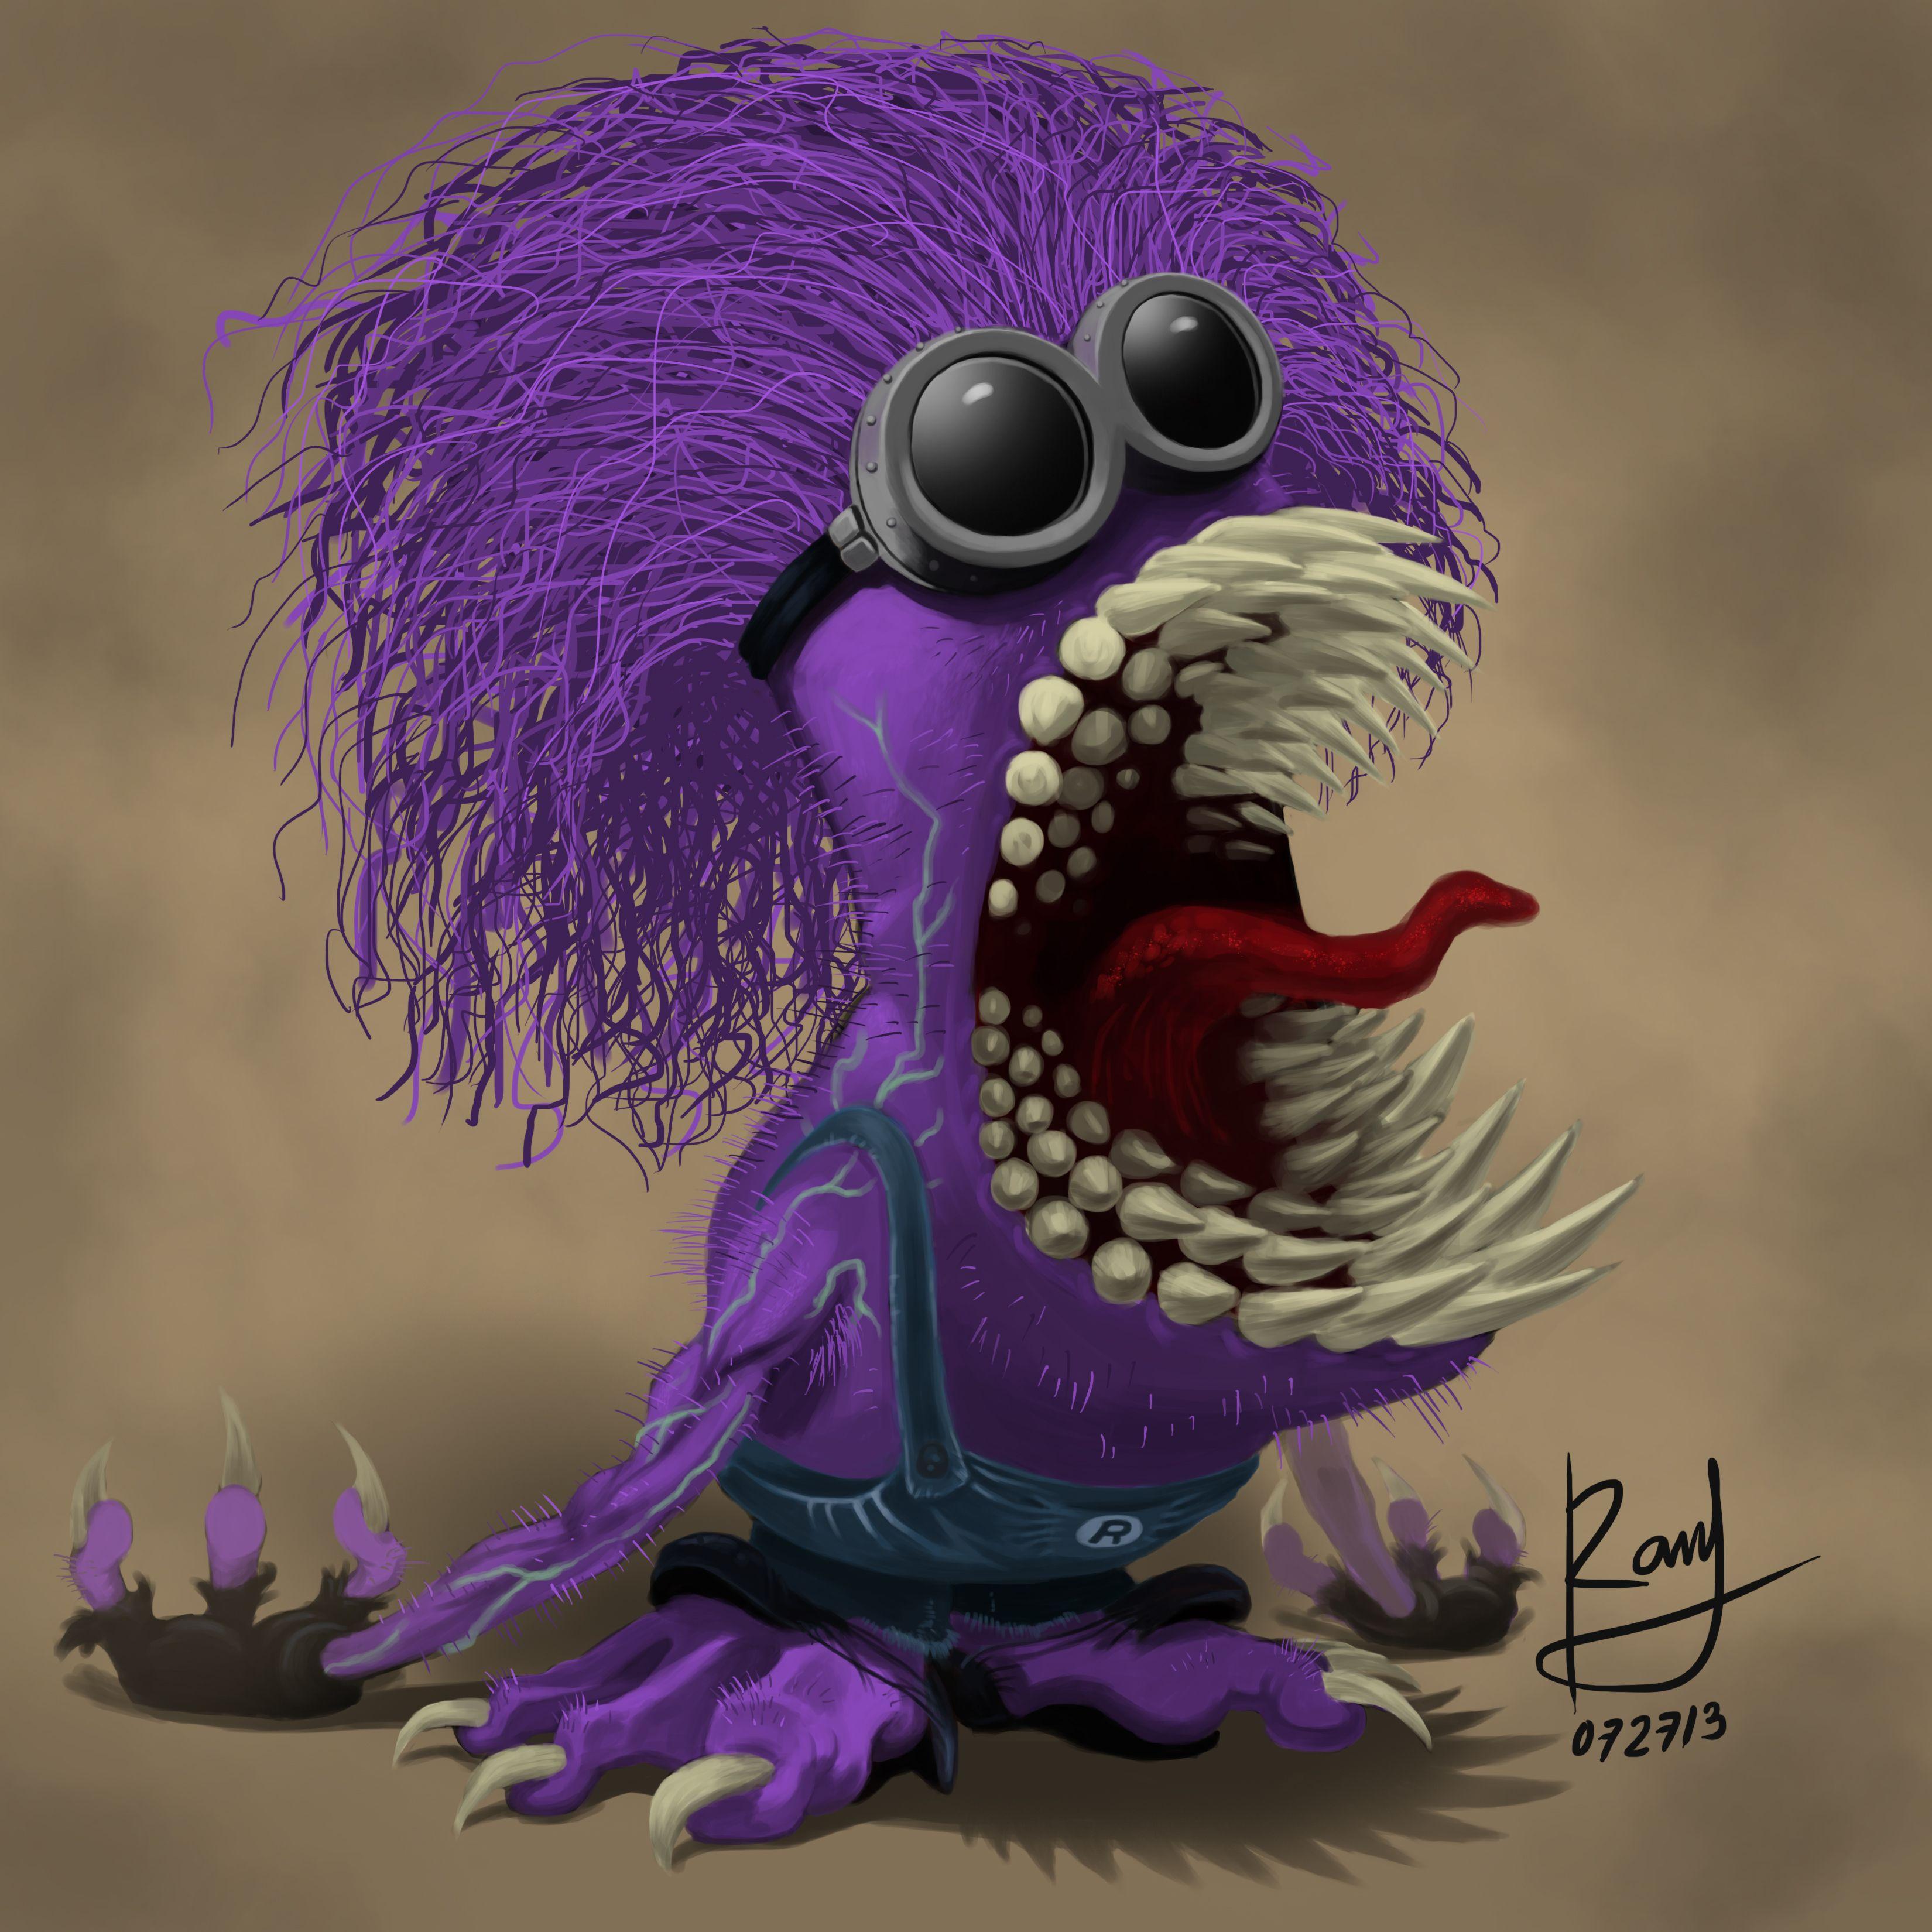 злой фиолетовый миньон картинка позволяет решать большинство